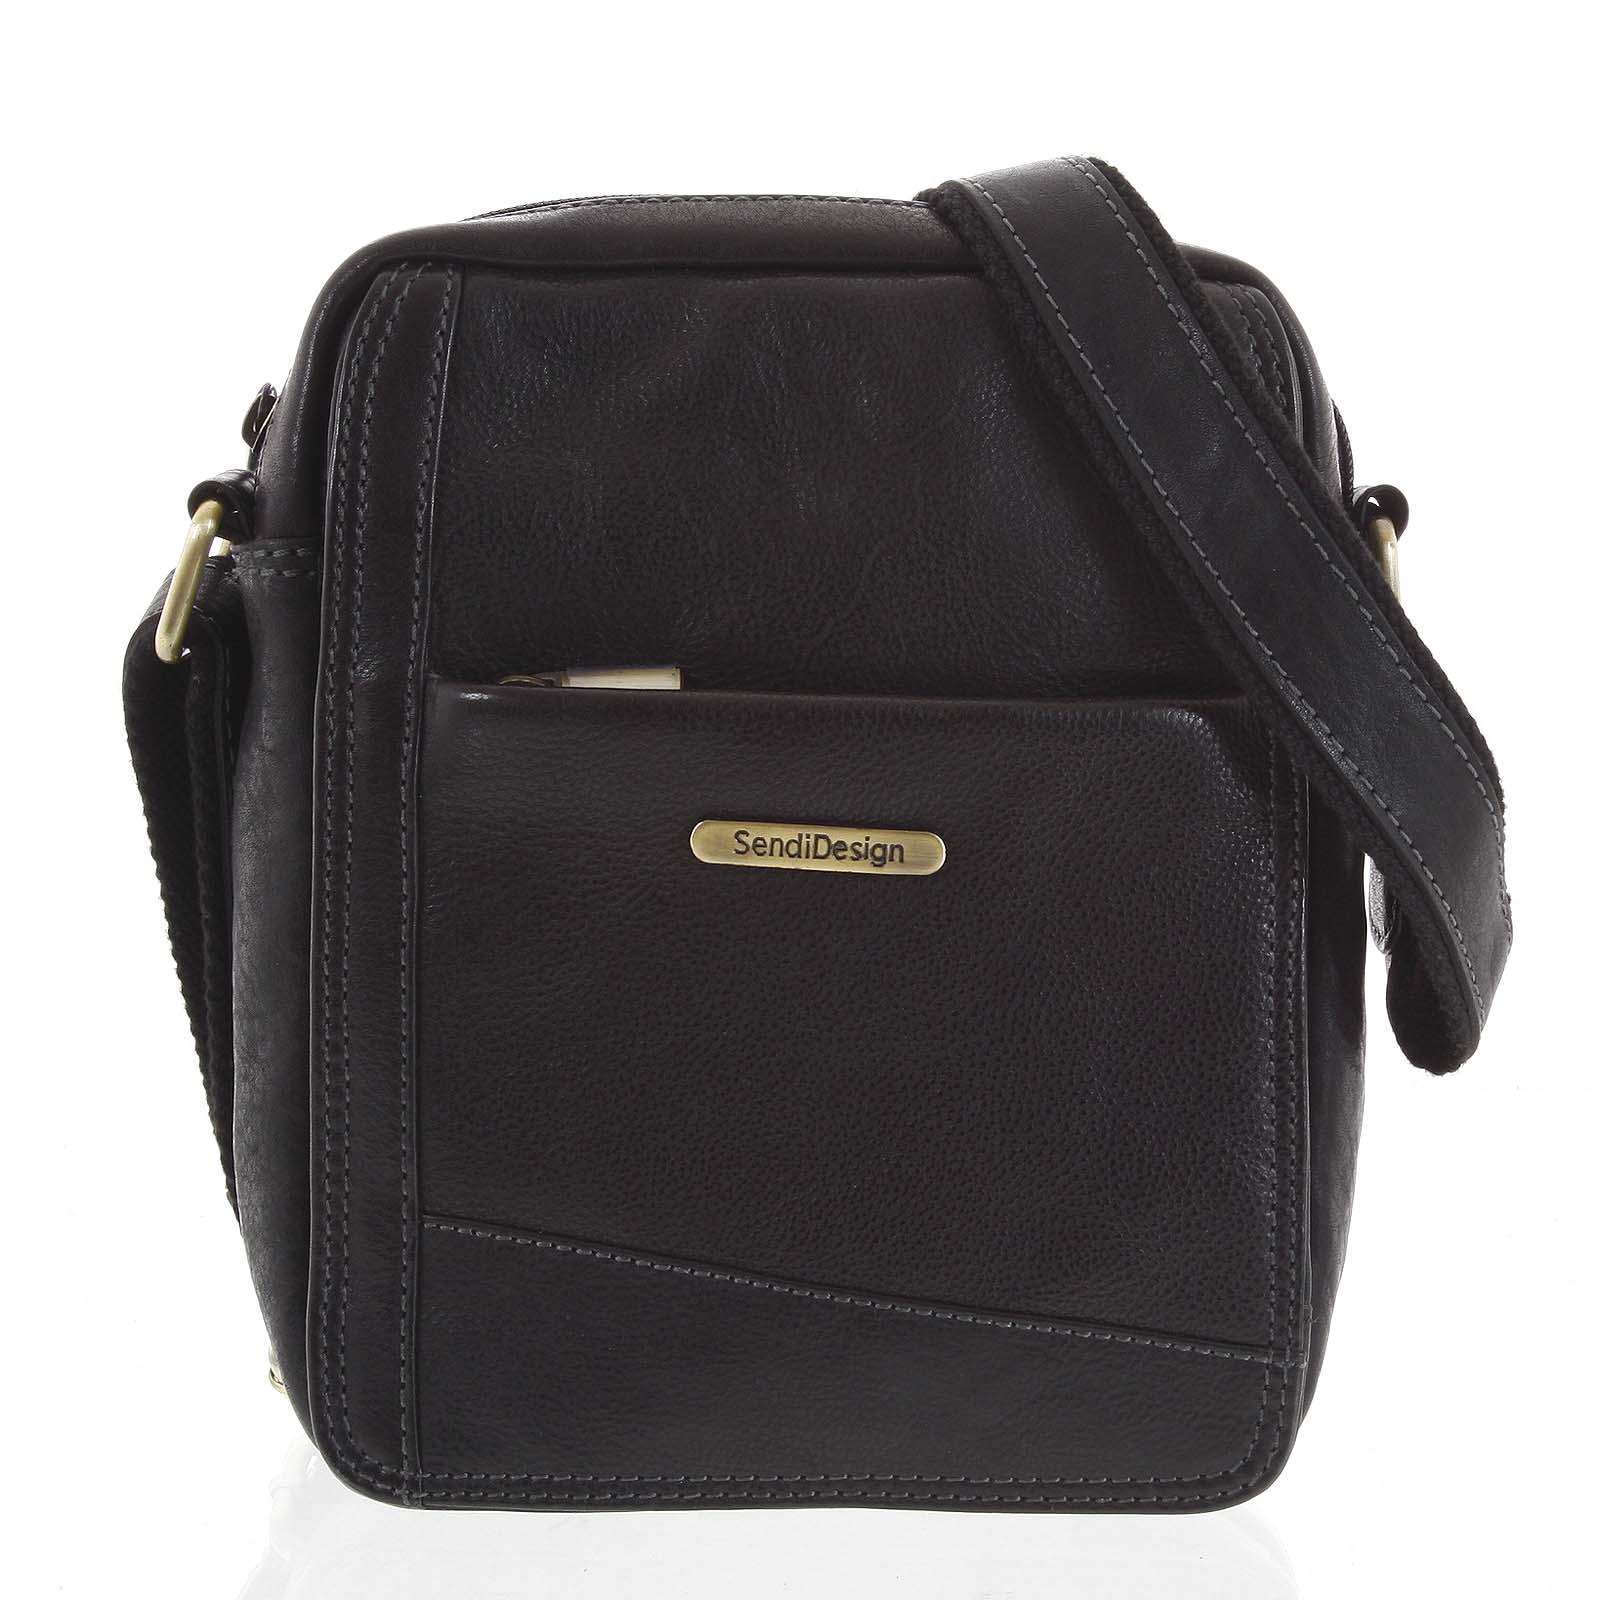 Pánska kožená taška na doklady čierna - SendiDesign Eser